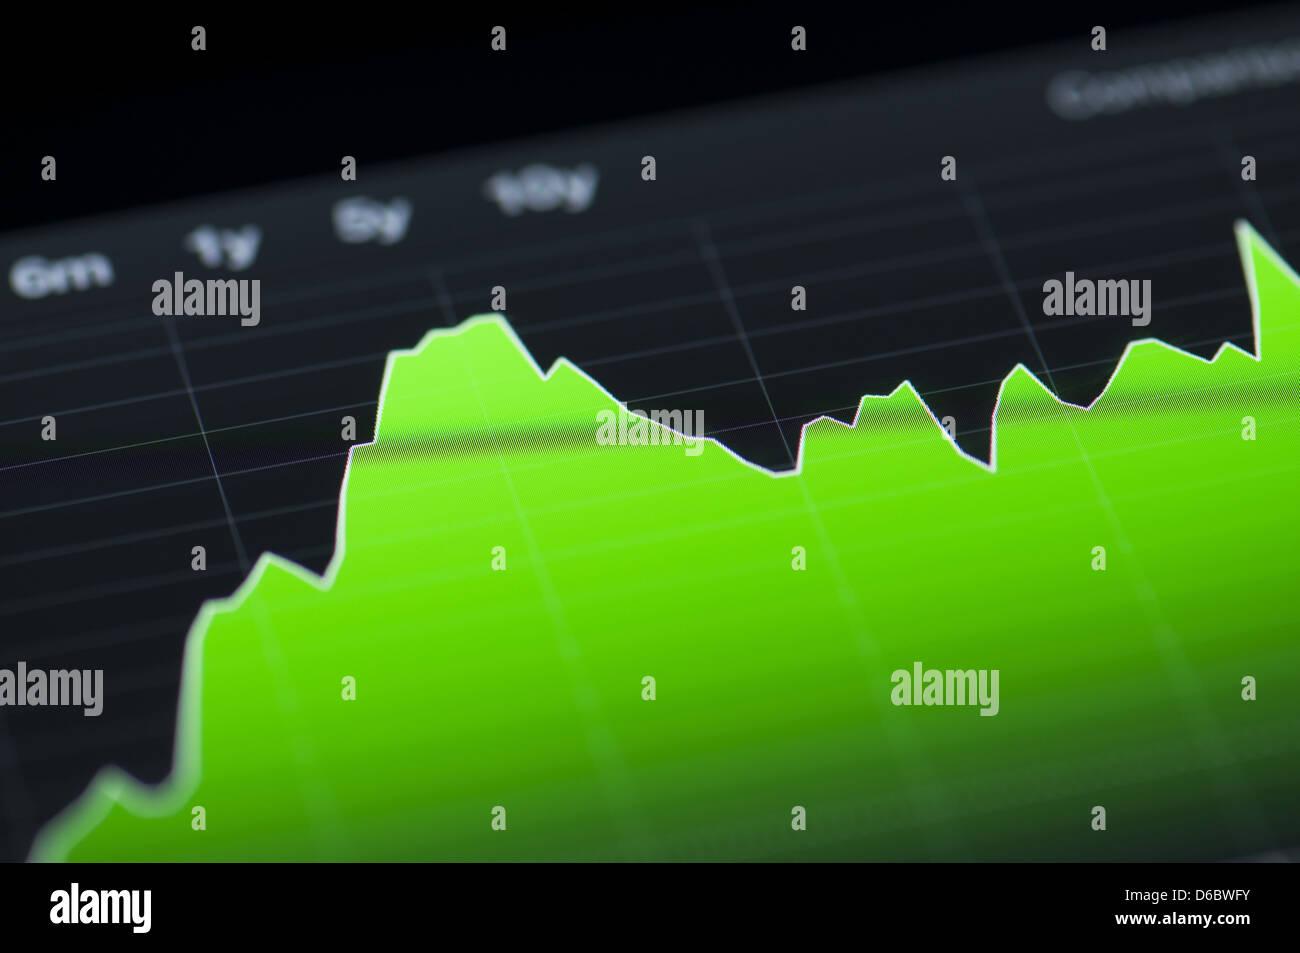 Cerca de un mercado gráfico en una pantalla LCD de alta resolución. Imagen De Stock